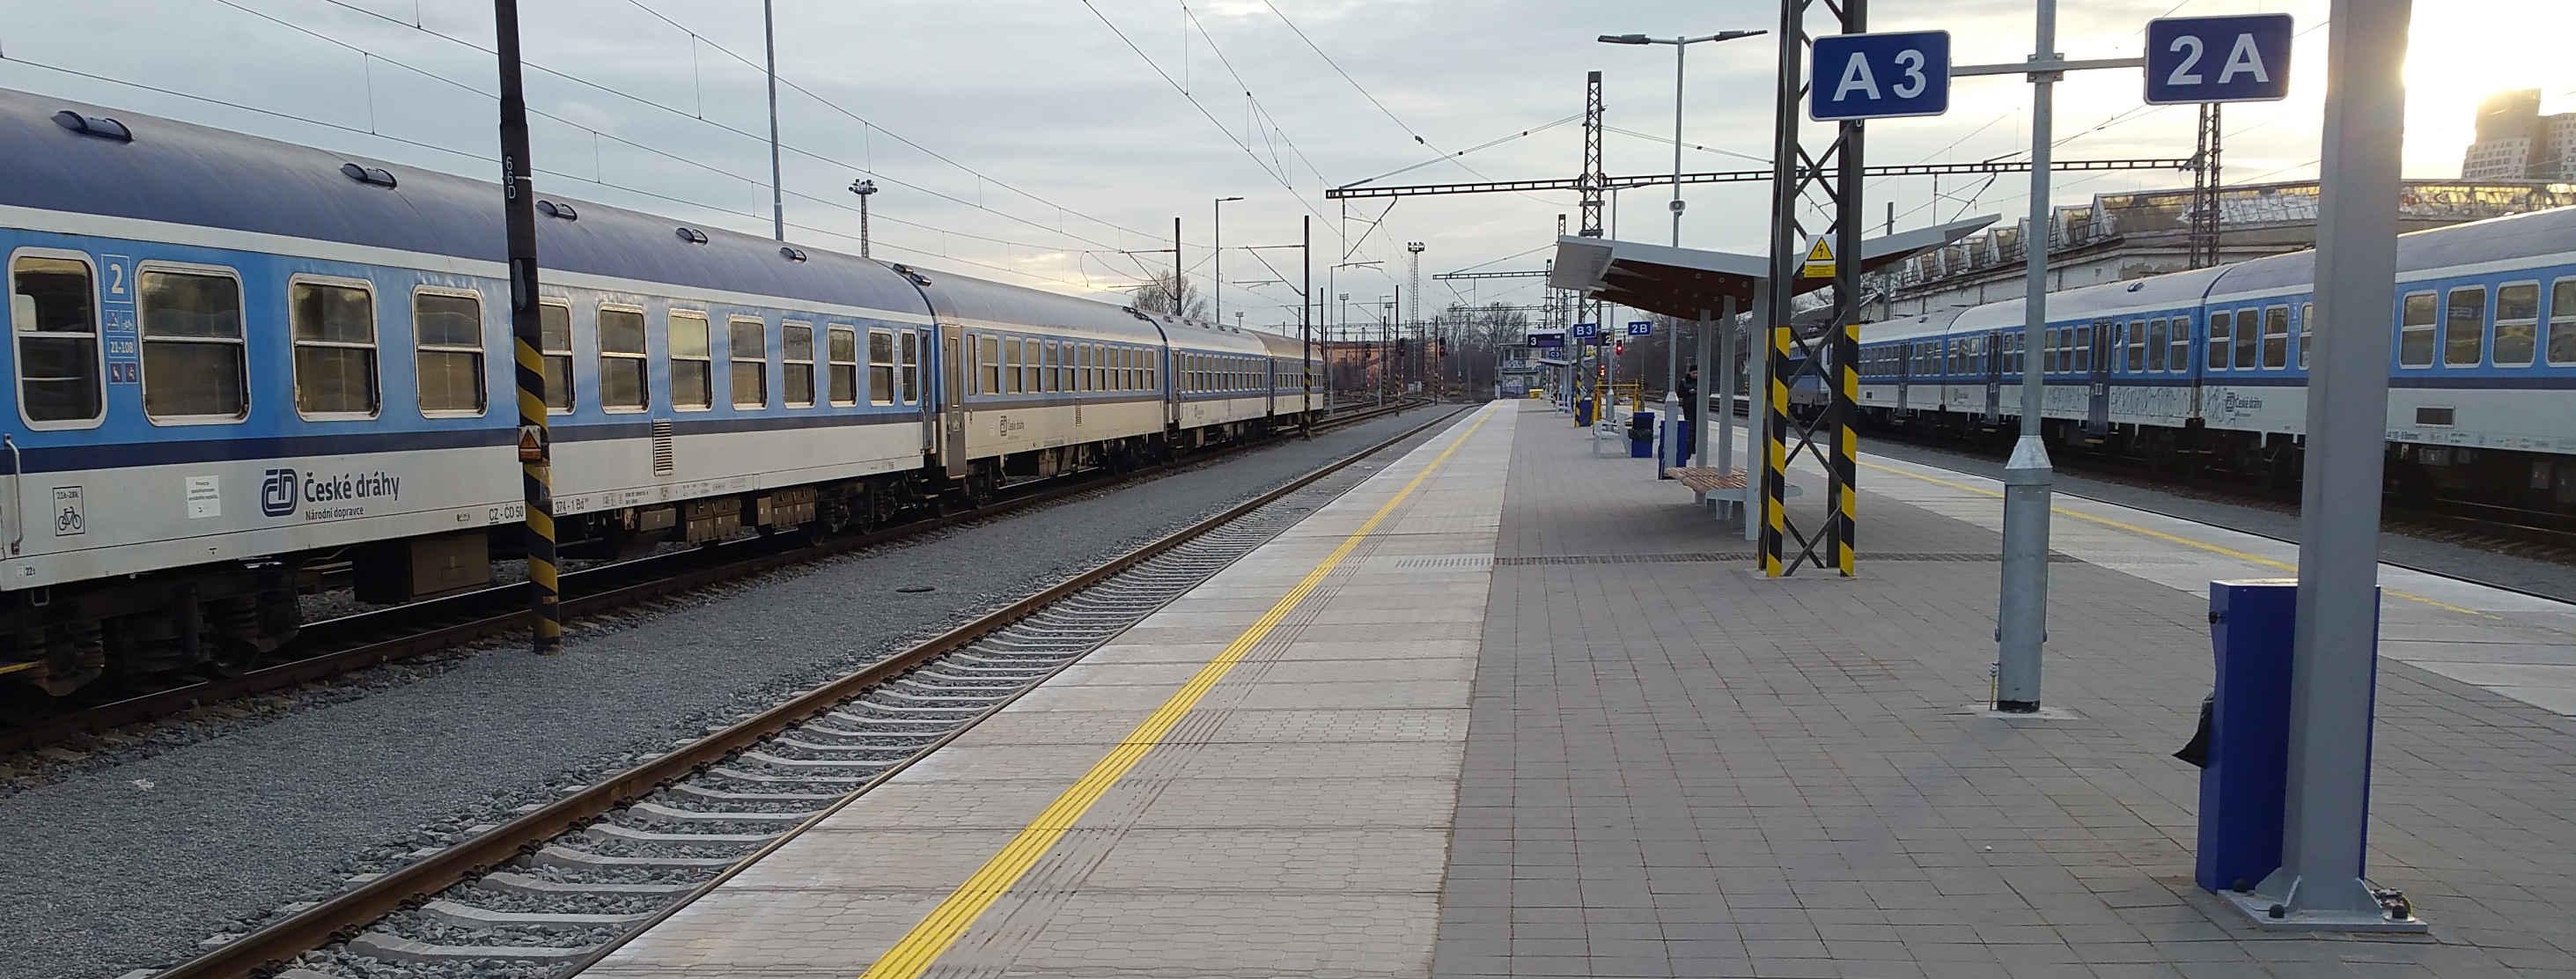 Brno Dolní nádraží - rovní a přehledná nástupiště